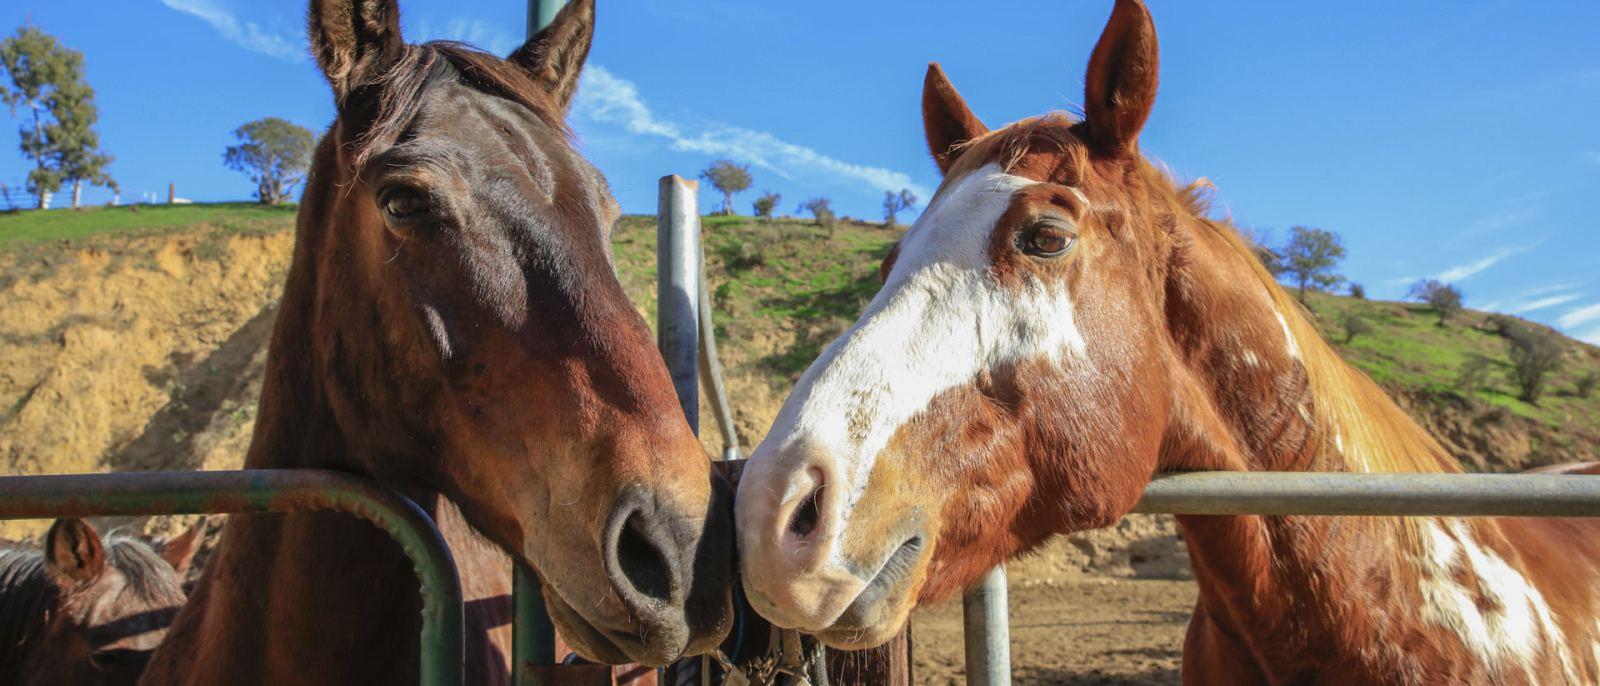 Horses at Sunset Ranch, Hollywood | Photo: Yuri Hasegawa